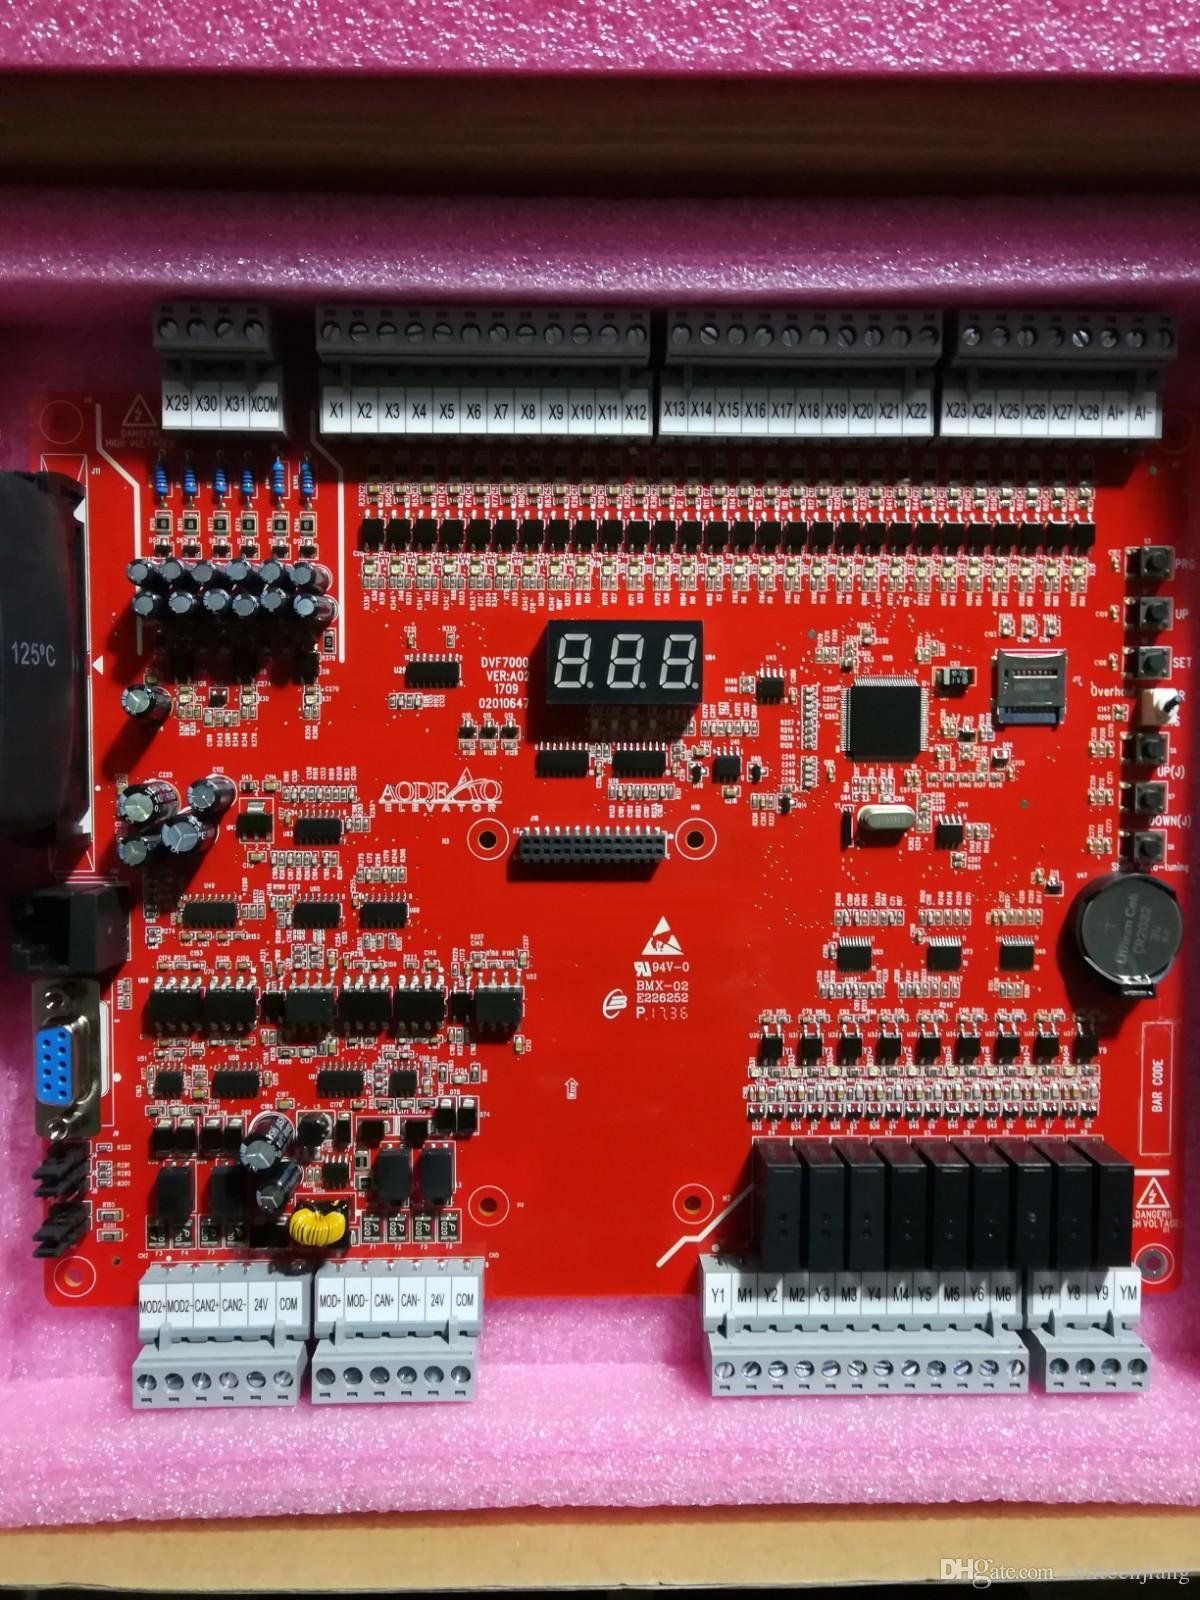 1 PC DEAO ELEVADOR Placa DVF7000 4DC600038 Novo Com Pacote de Segurança Livre Envio Acelerado